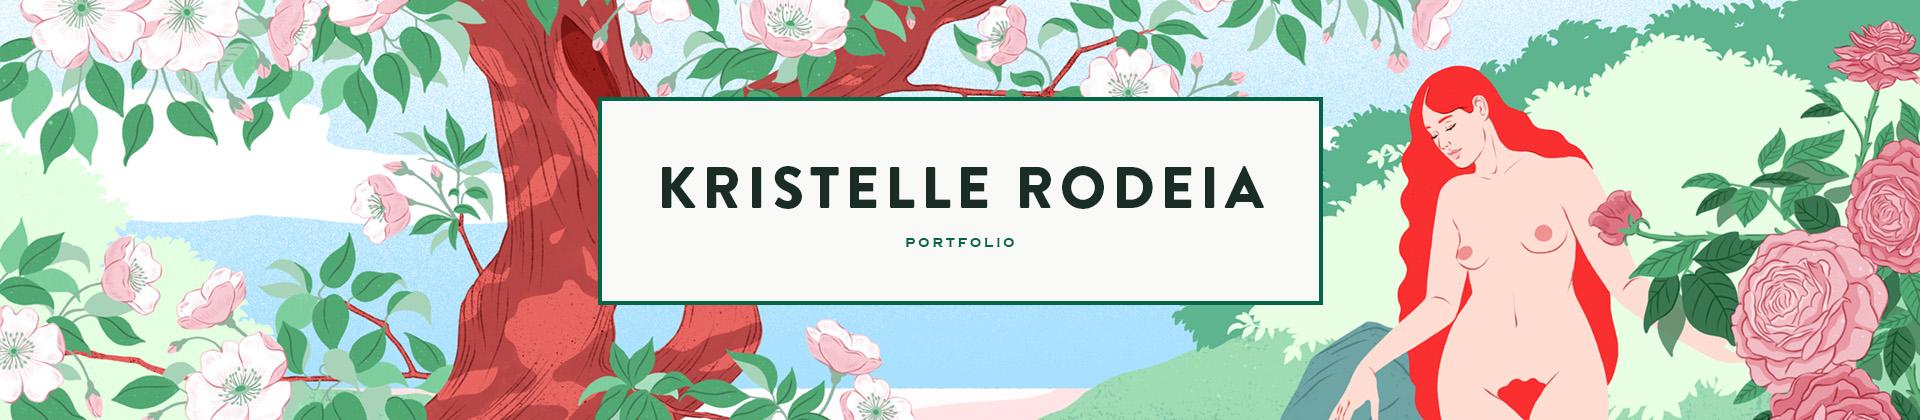 Kristelle Rodeia